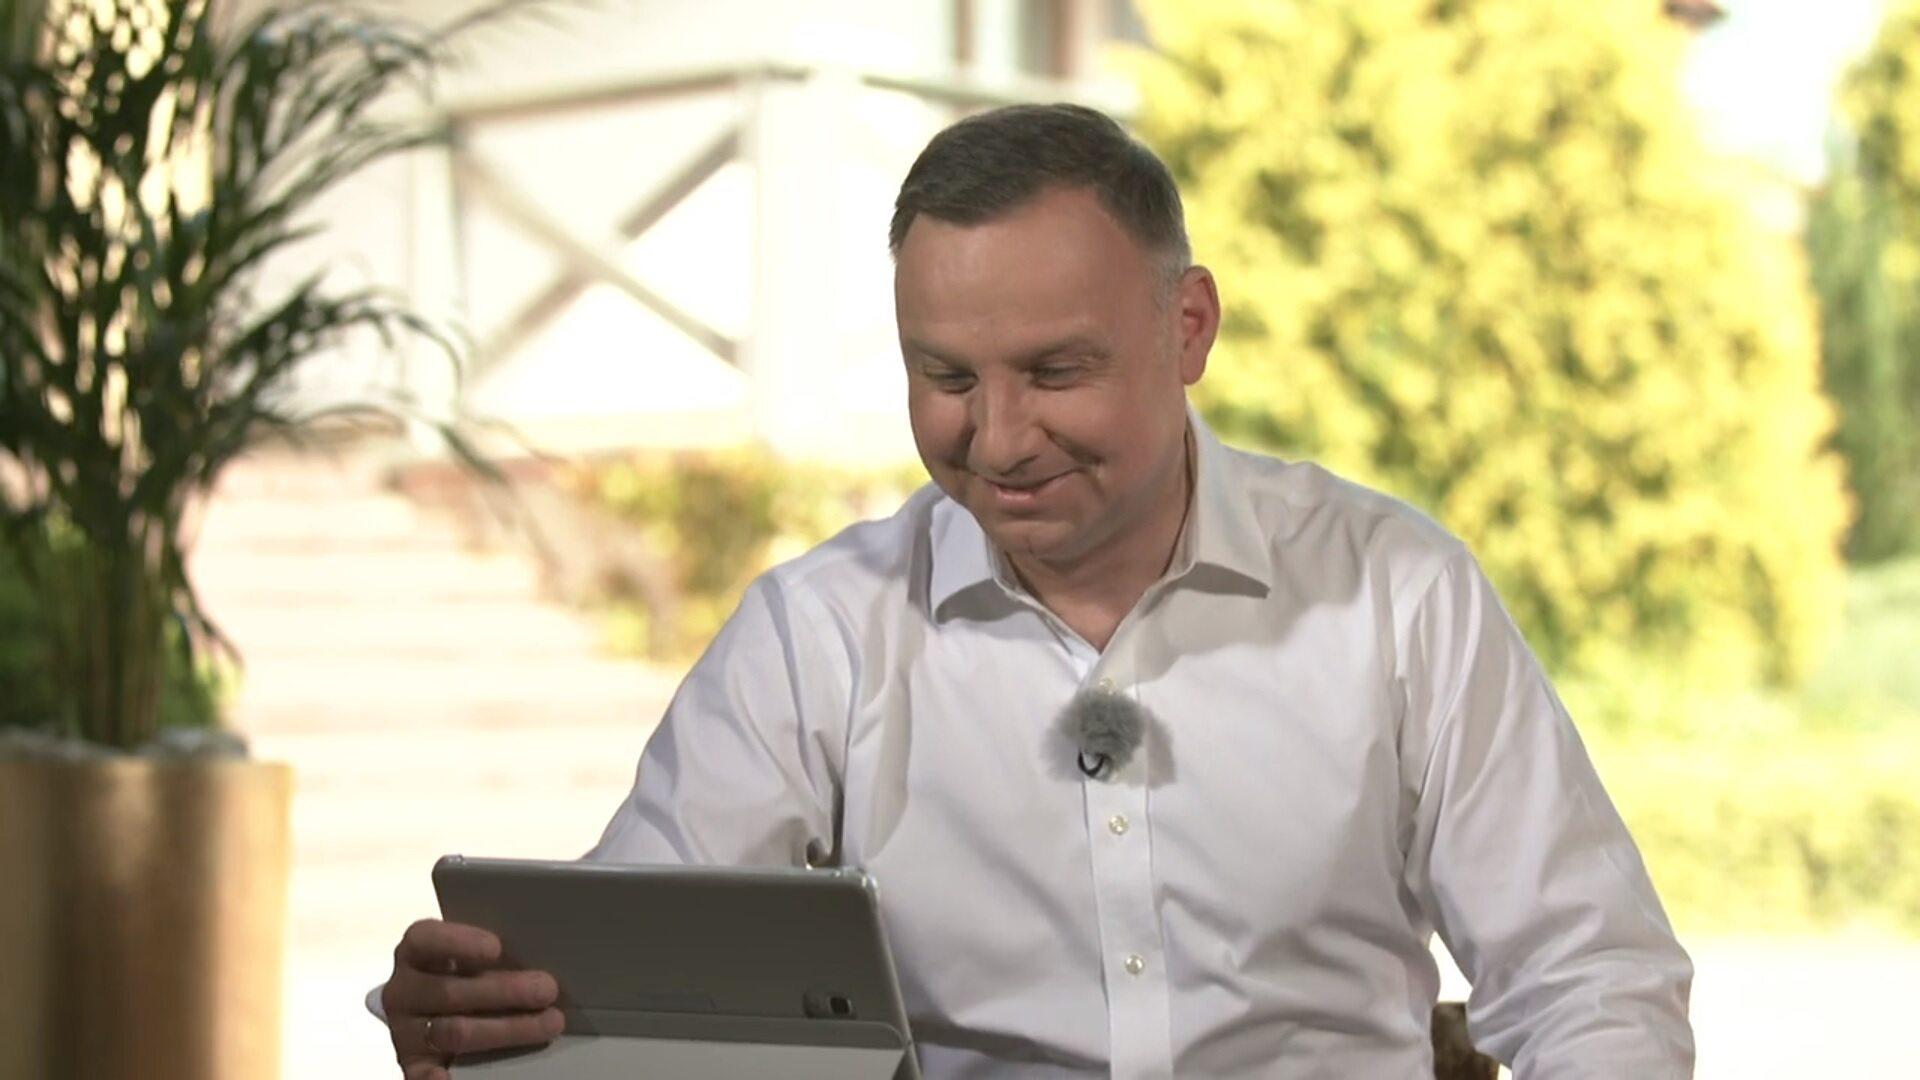 Andrzej Duda Odpowiedzial Na Pytanie O Delegalizacje K Popu Jest Dla Mnie Konkurencja